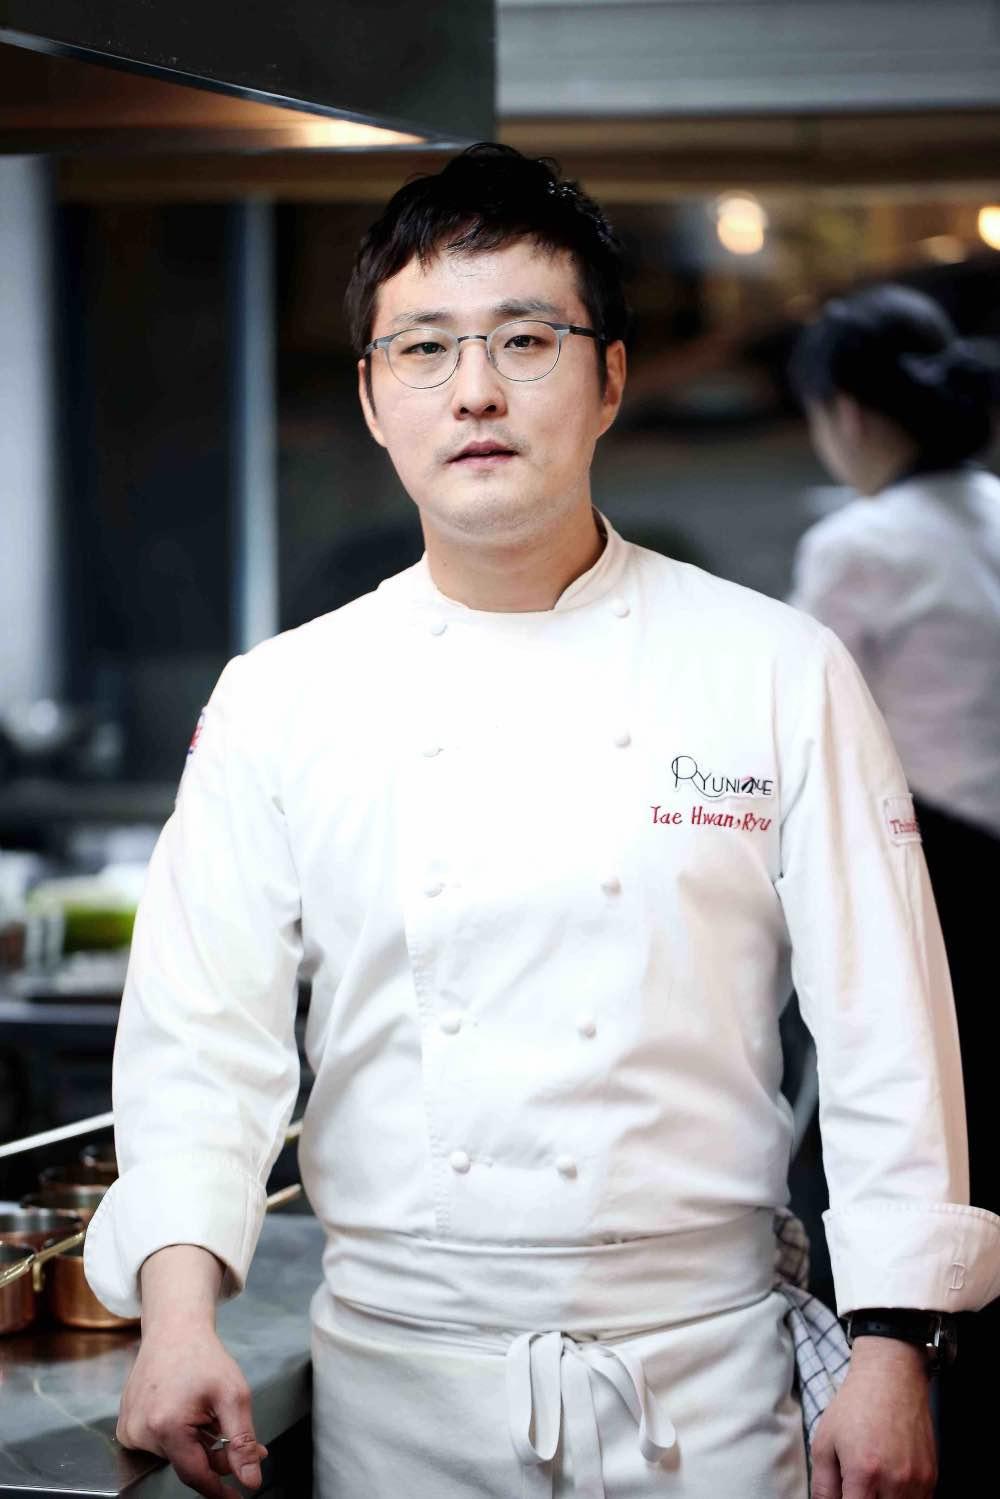 Chef Tae Hwan Ryu